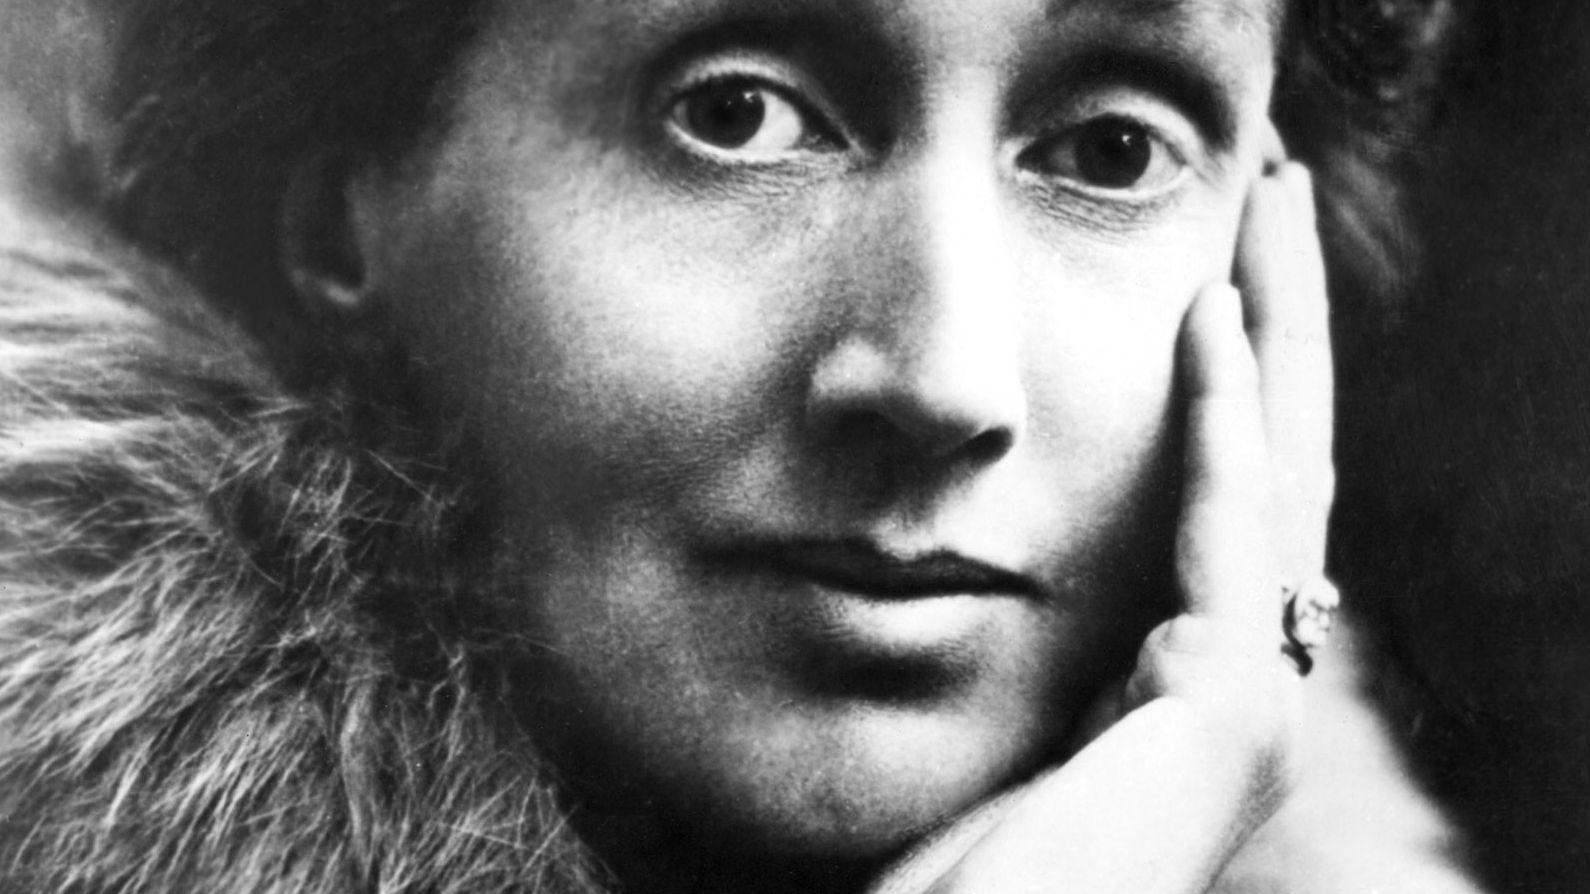 Virginia Woolf blickt, das Gesicht in eine Hand gestützt, mit weit geöffneten Augen in die Kamera (undatiertes Schwarzweißfoto)